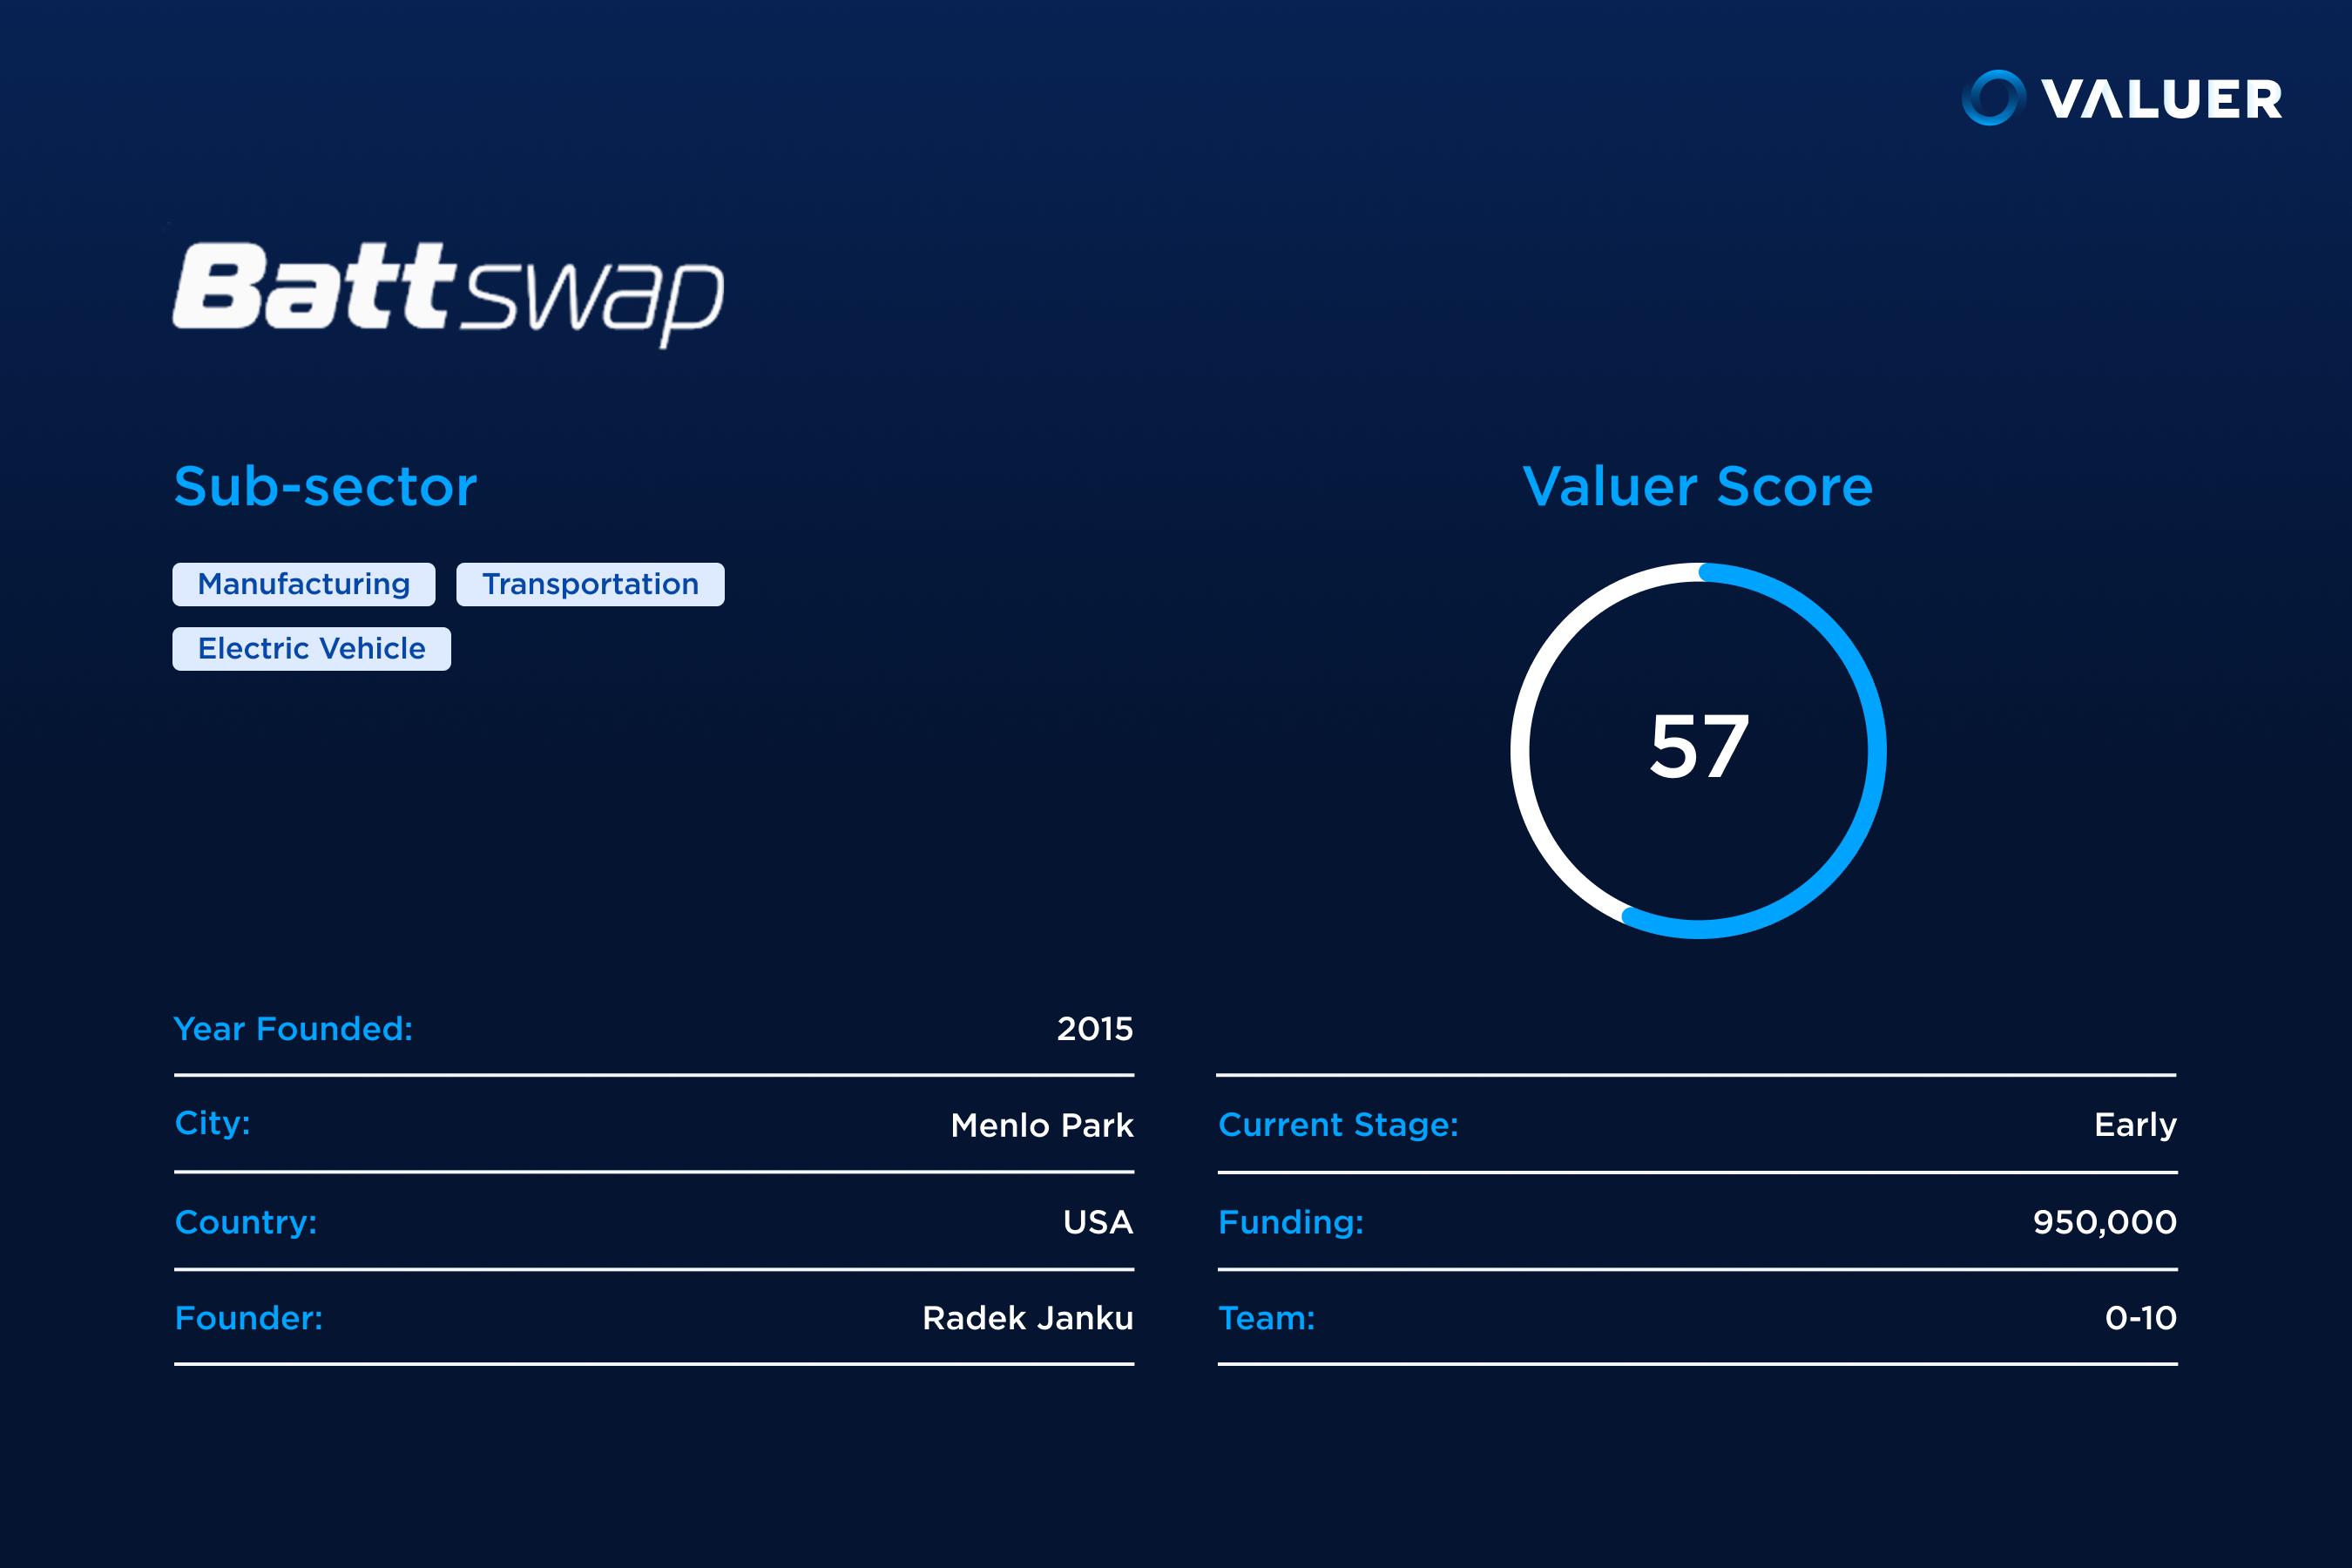 Battswap score